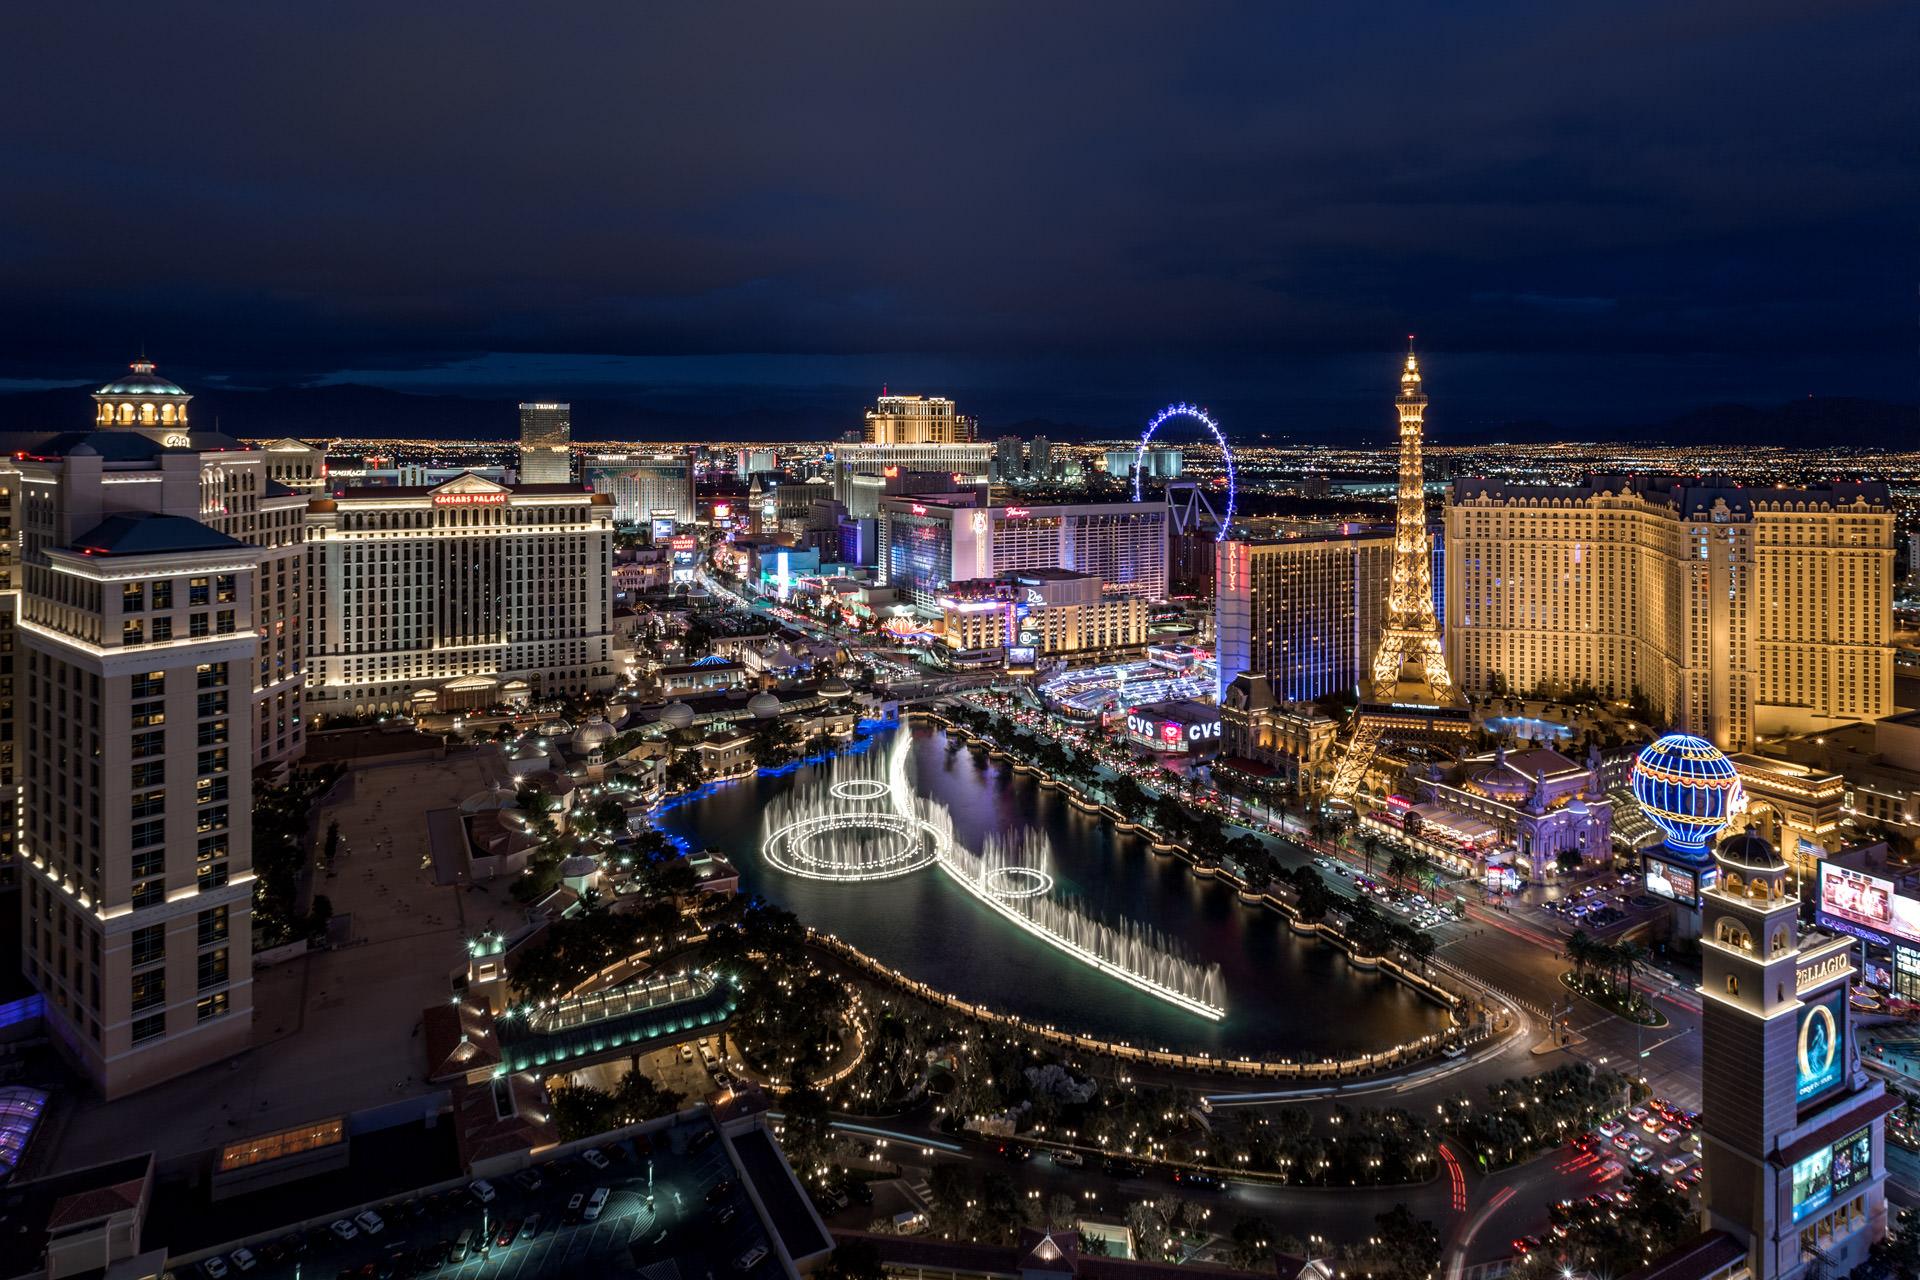 Comos Las Vegas